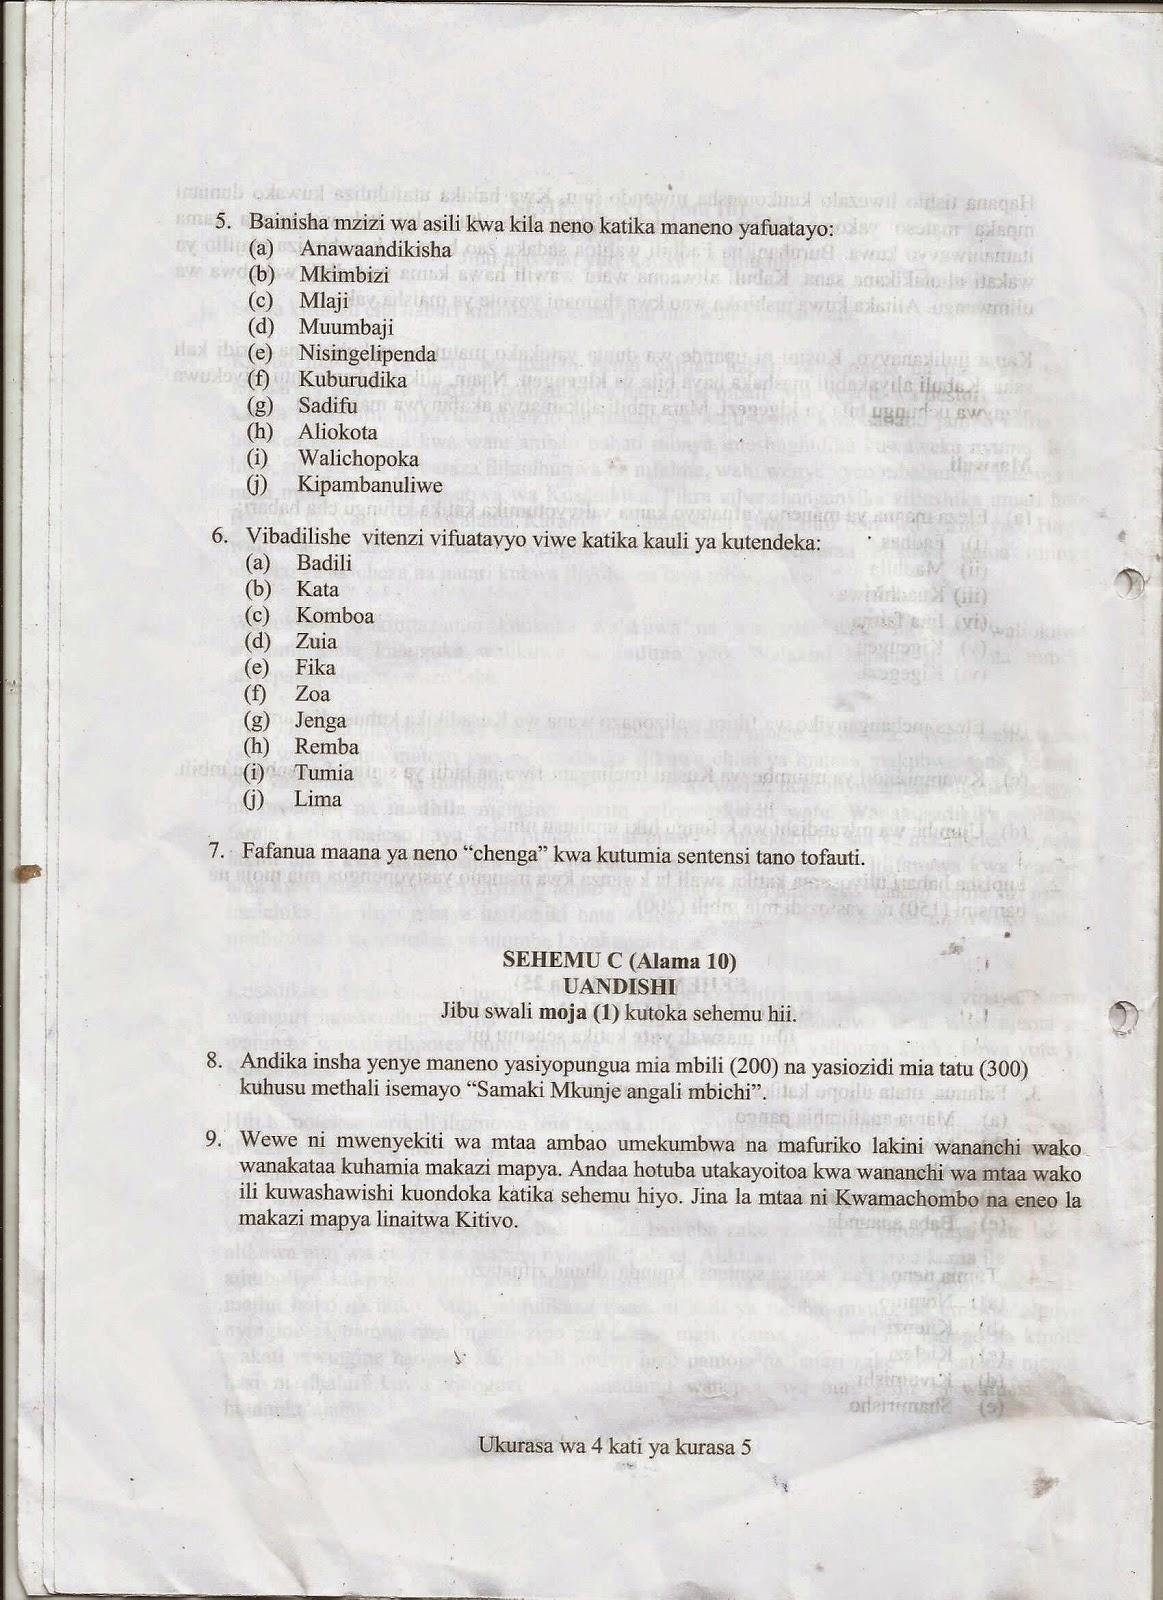 KISWAHILI SEKONDARI NA VYUO TANZANIA: KISWAHILI